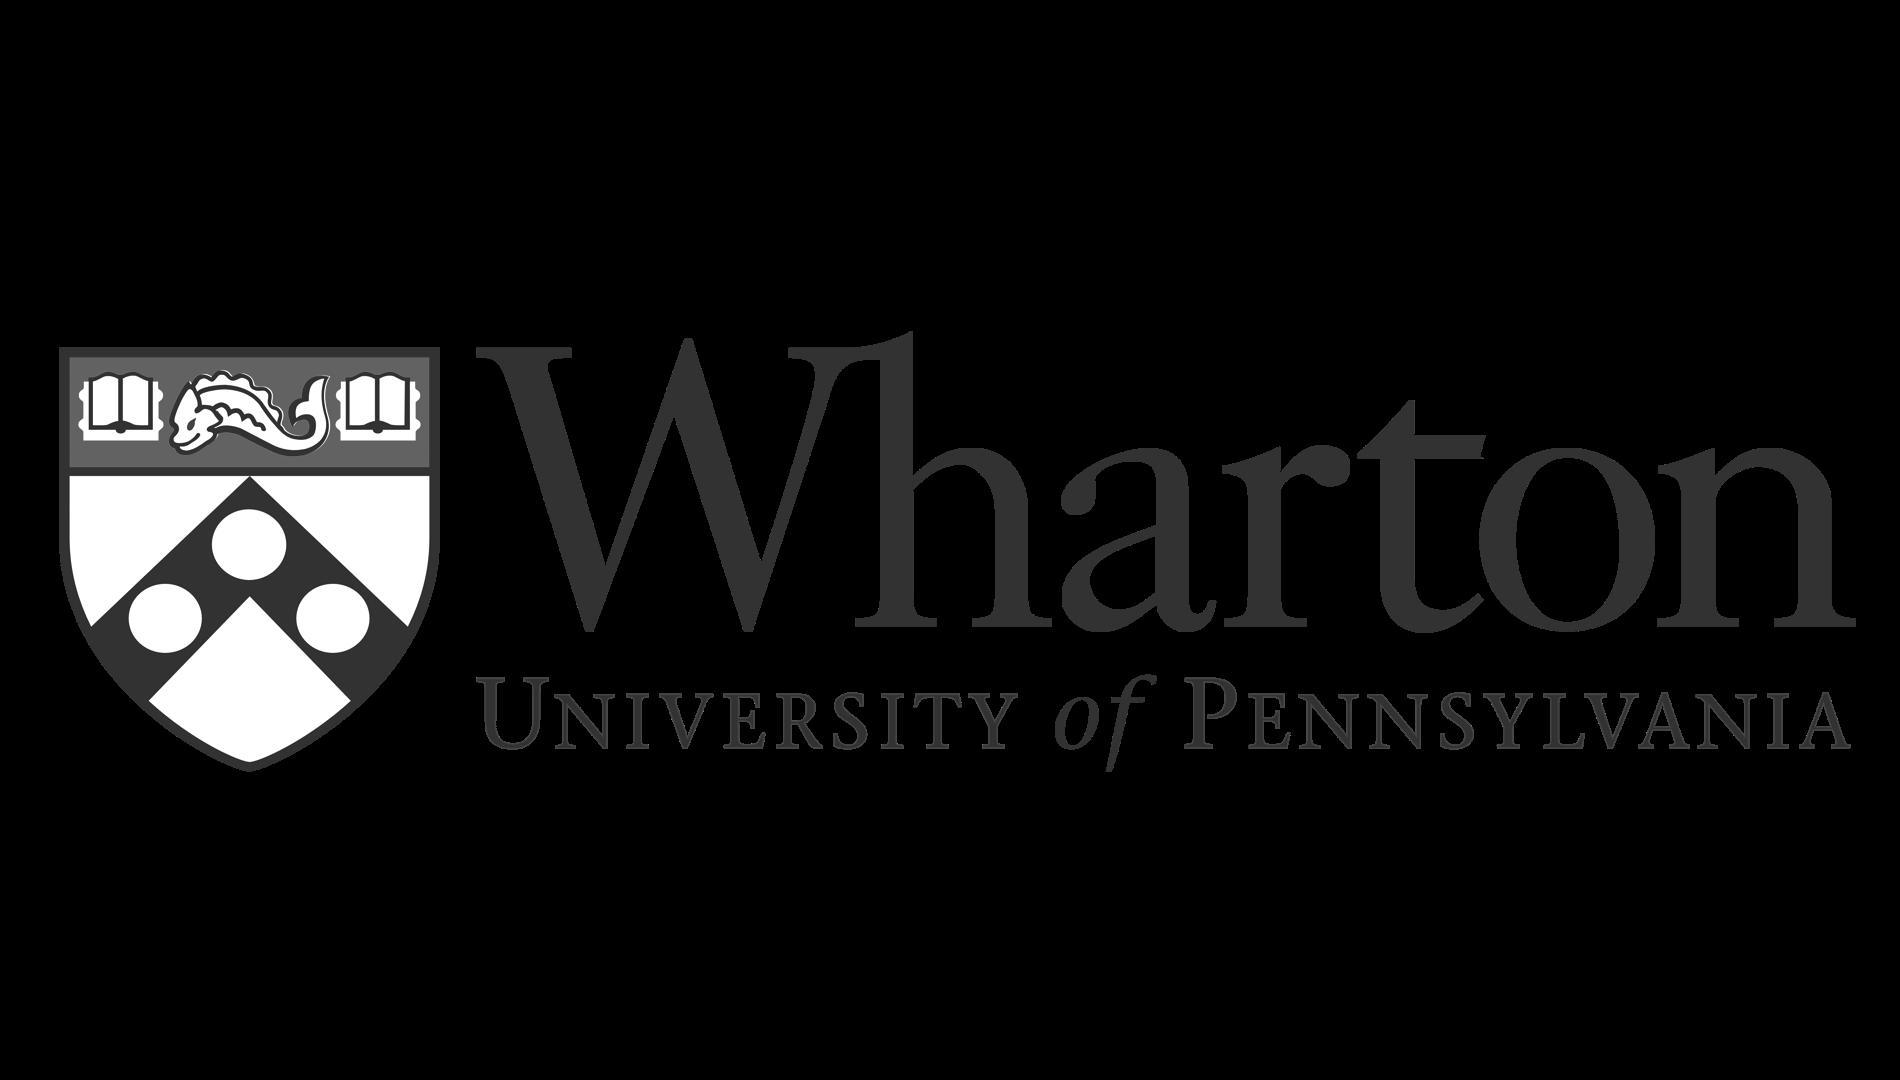 wharton-logo-bw